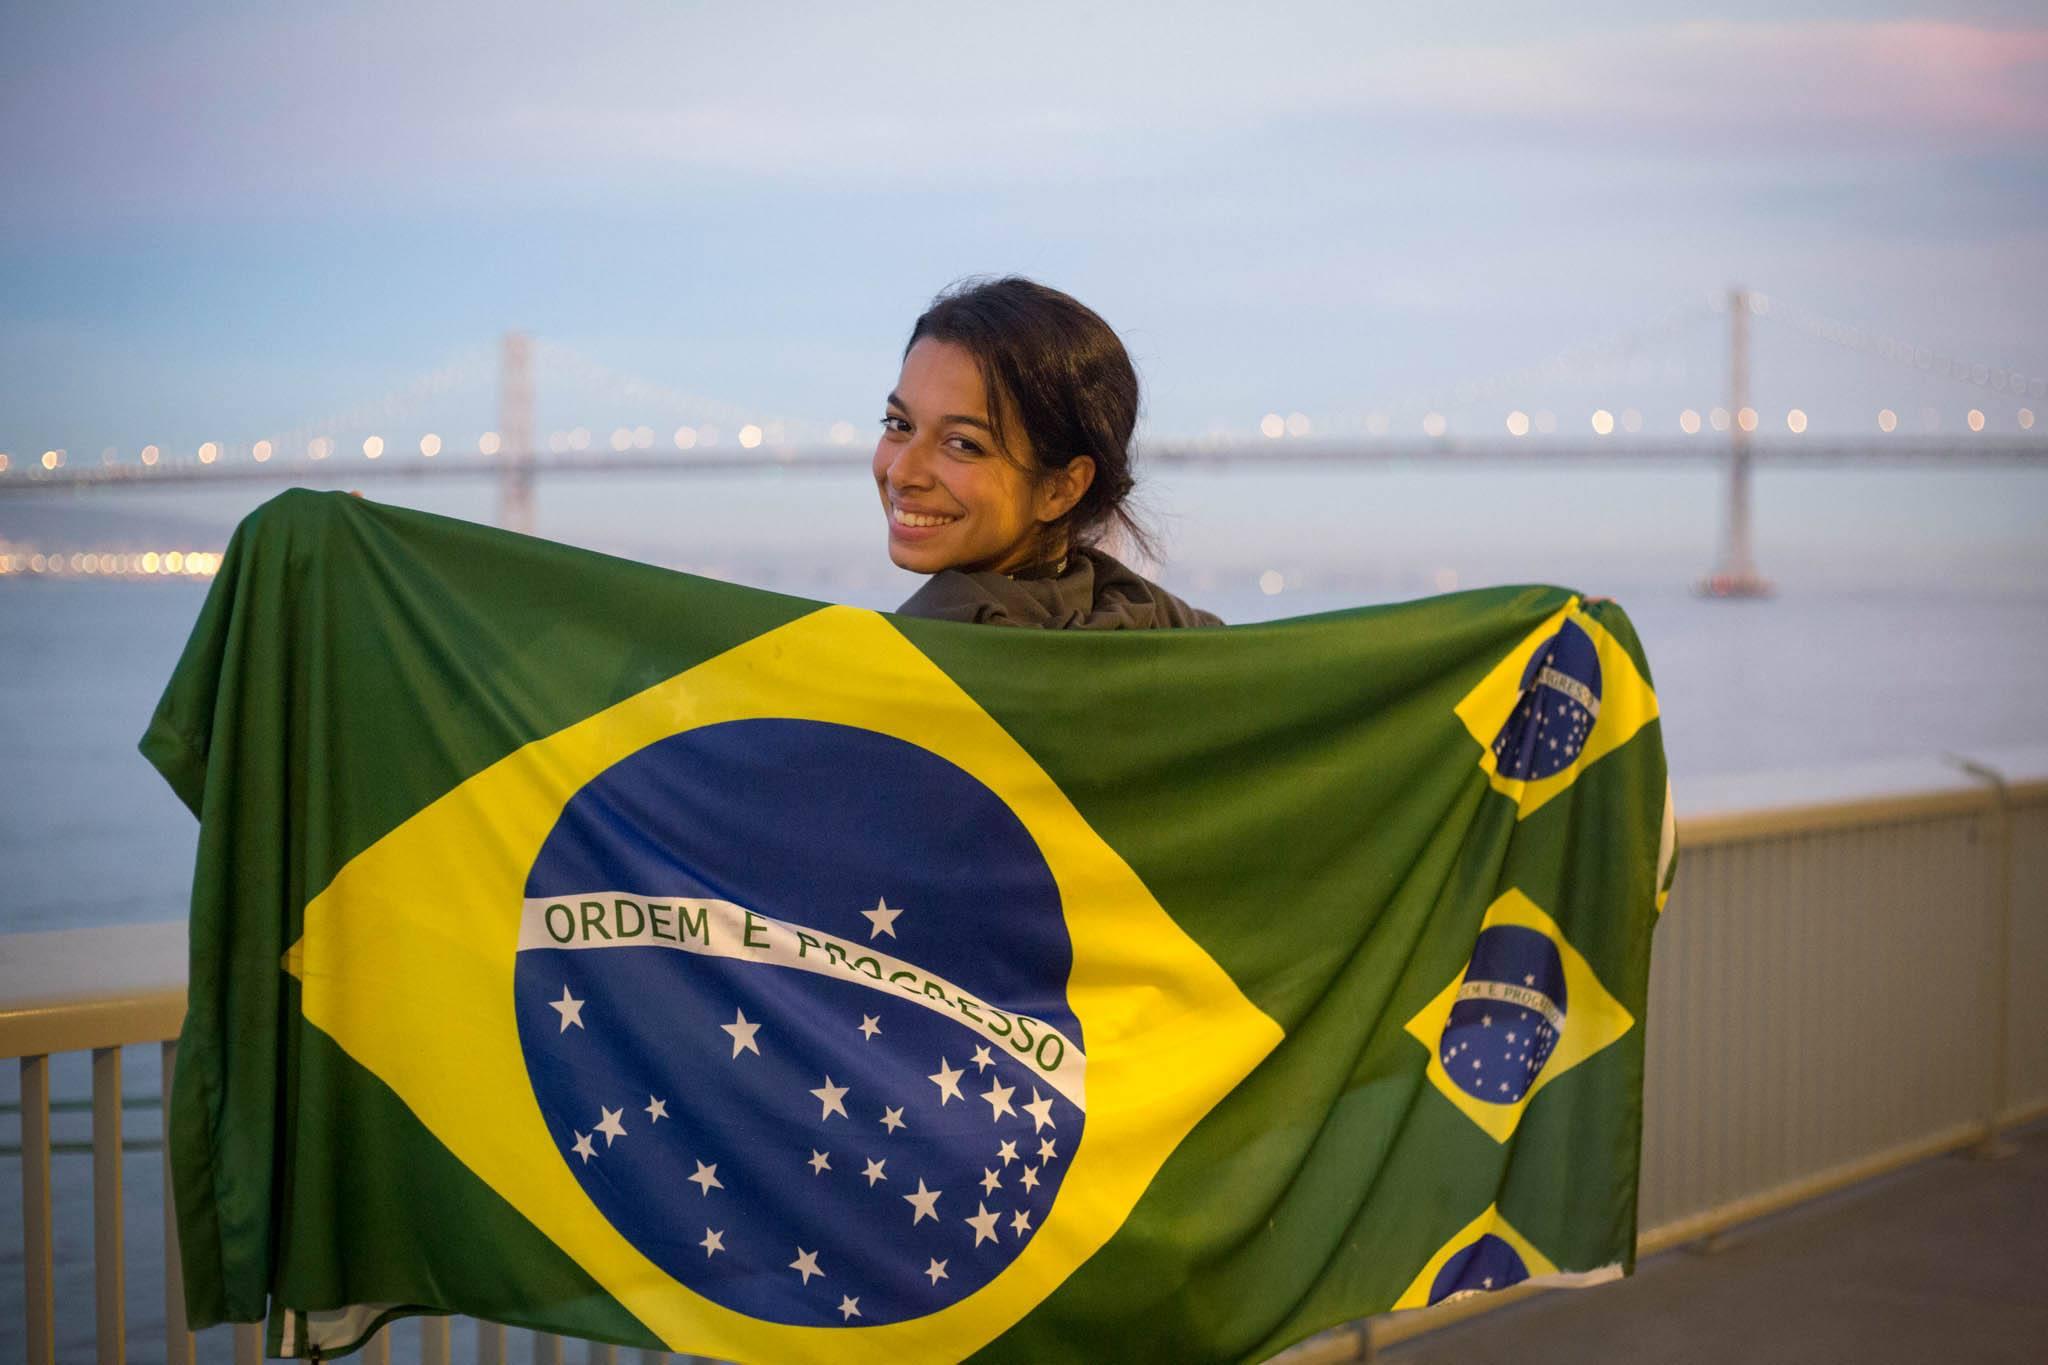 Greenpeace_Brazil_flag_NathaliaScherer.jpg